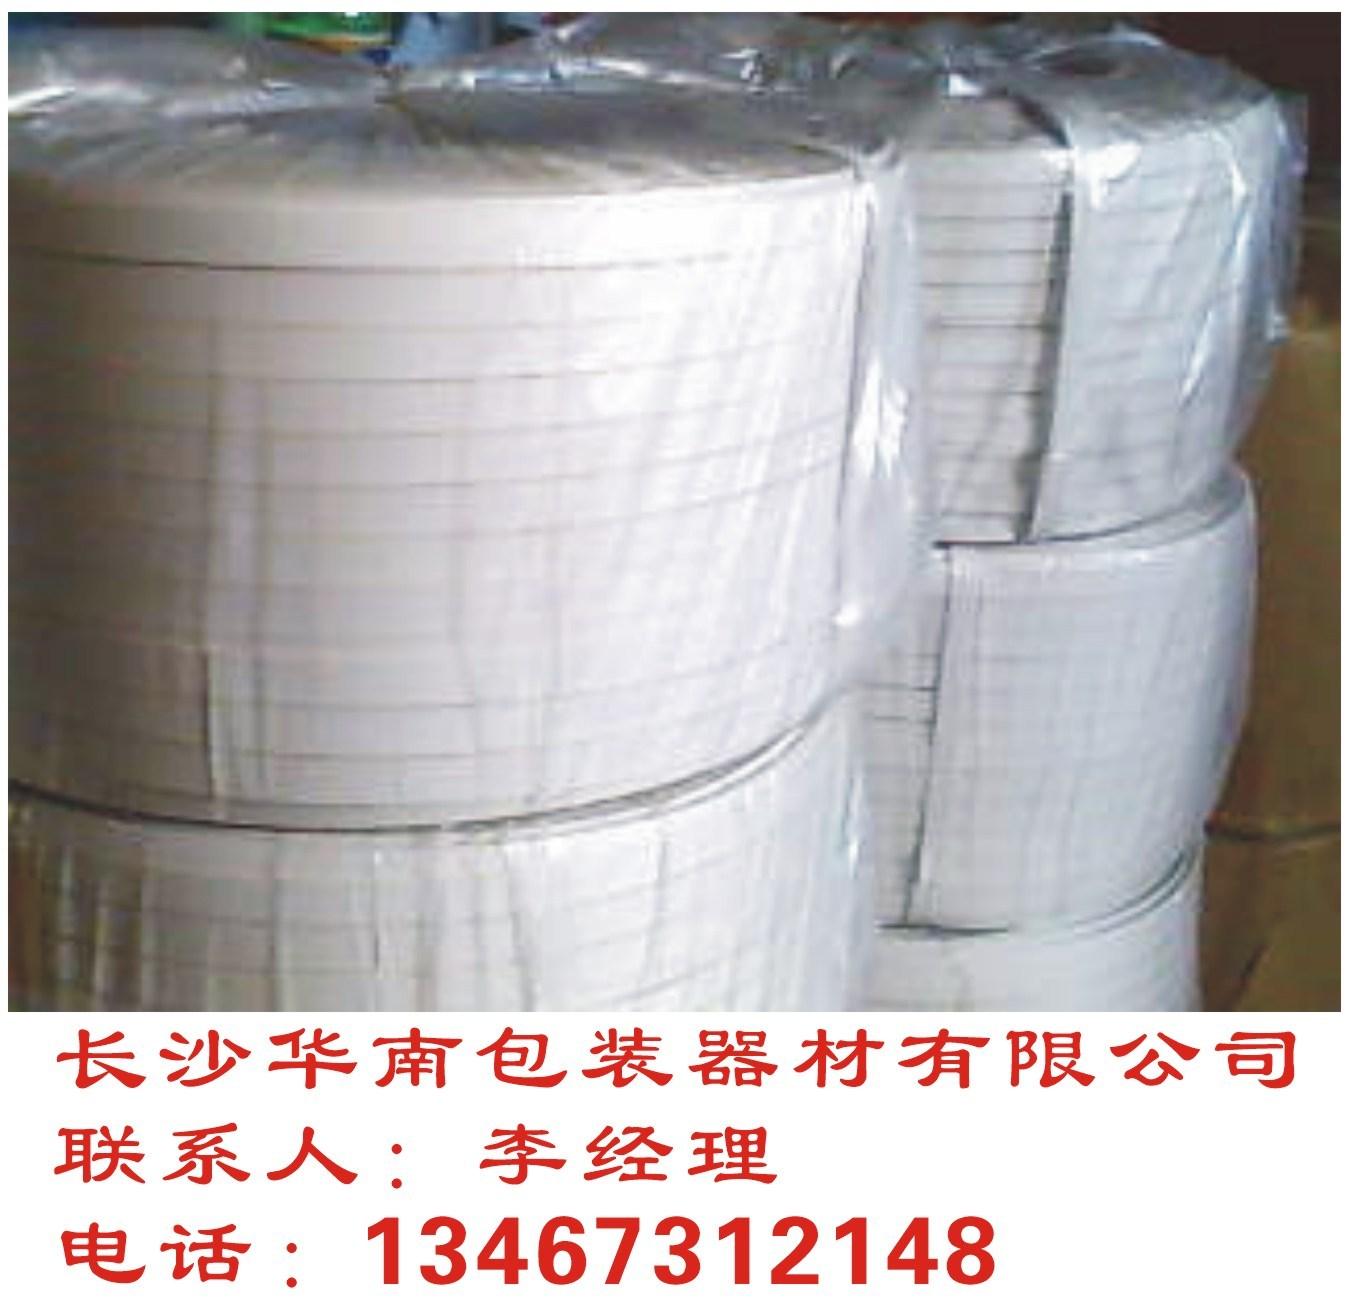 Cidade de Changsha, província de Hunan, máquina de embalagem PP embalagem Correia Correia